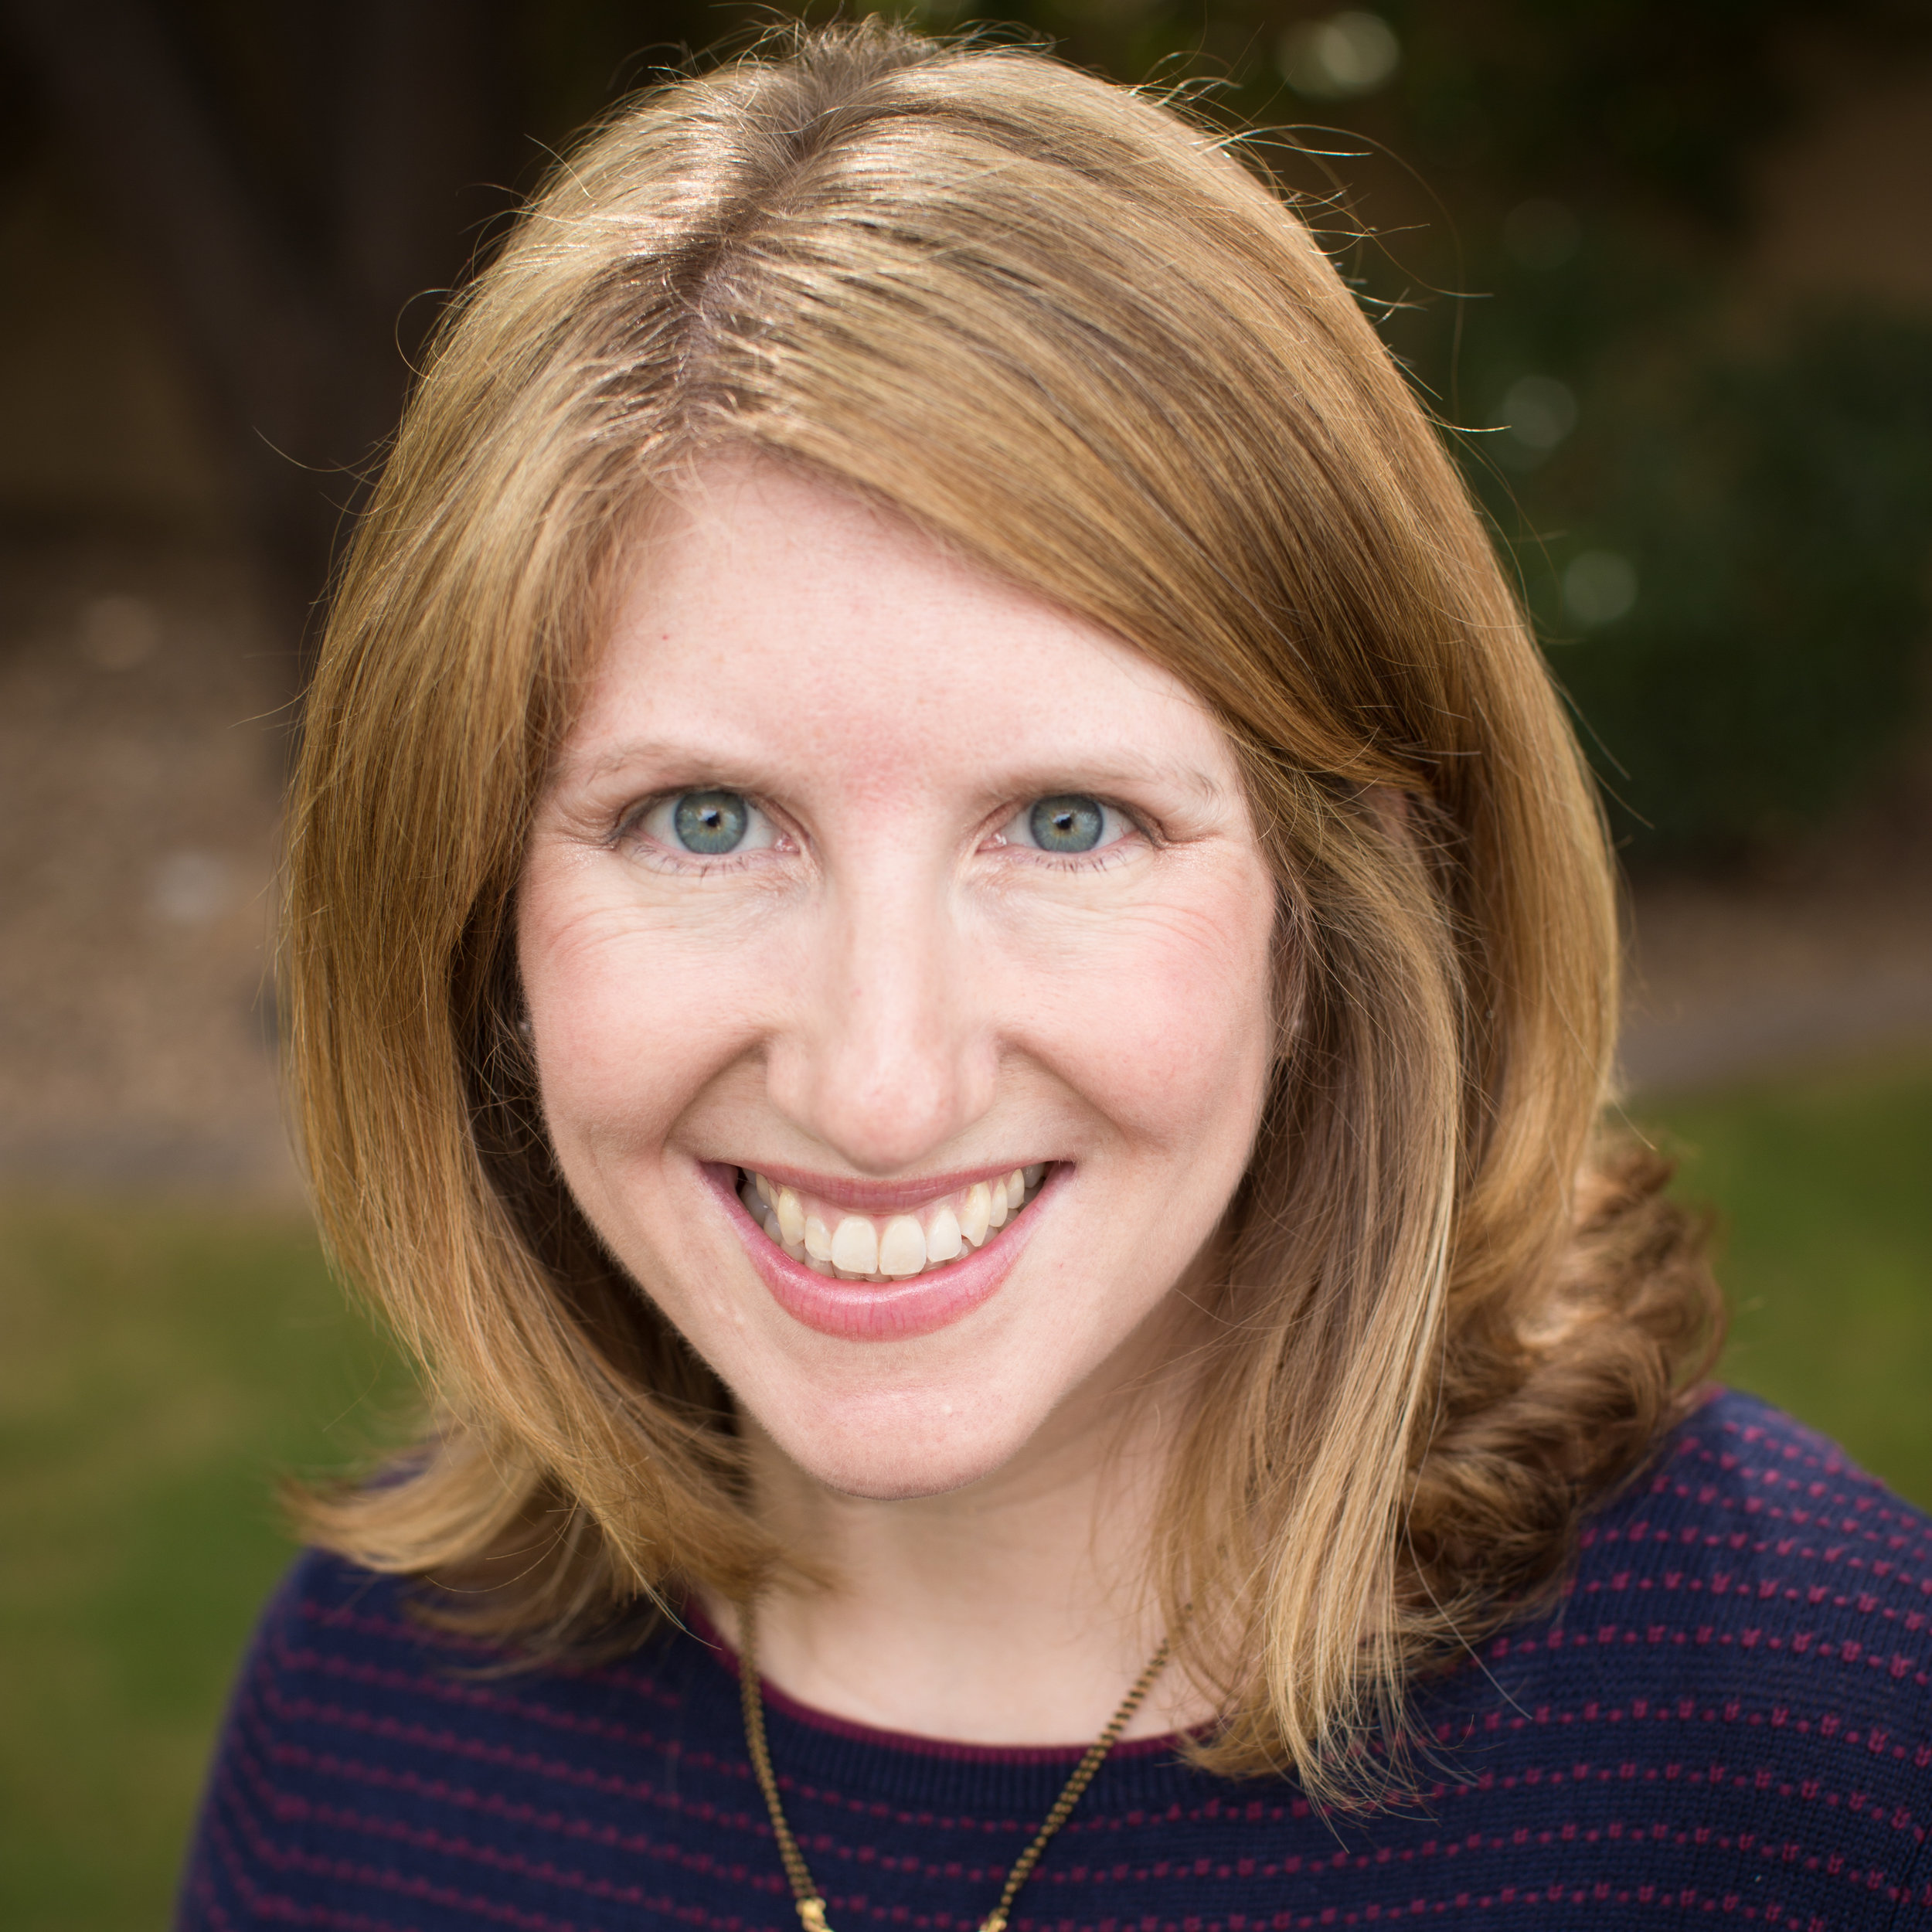 Jennifer Jewett | Marketing and Communications | PR on beast mode